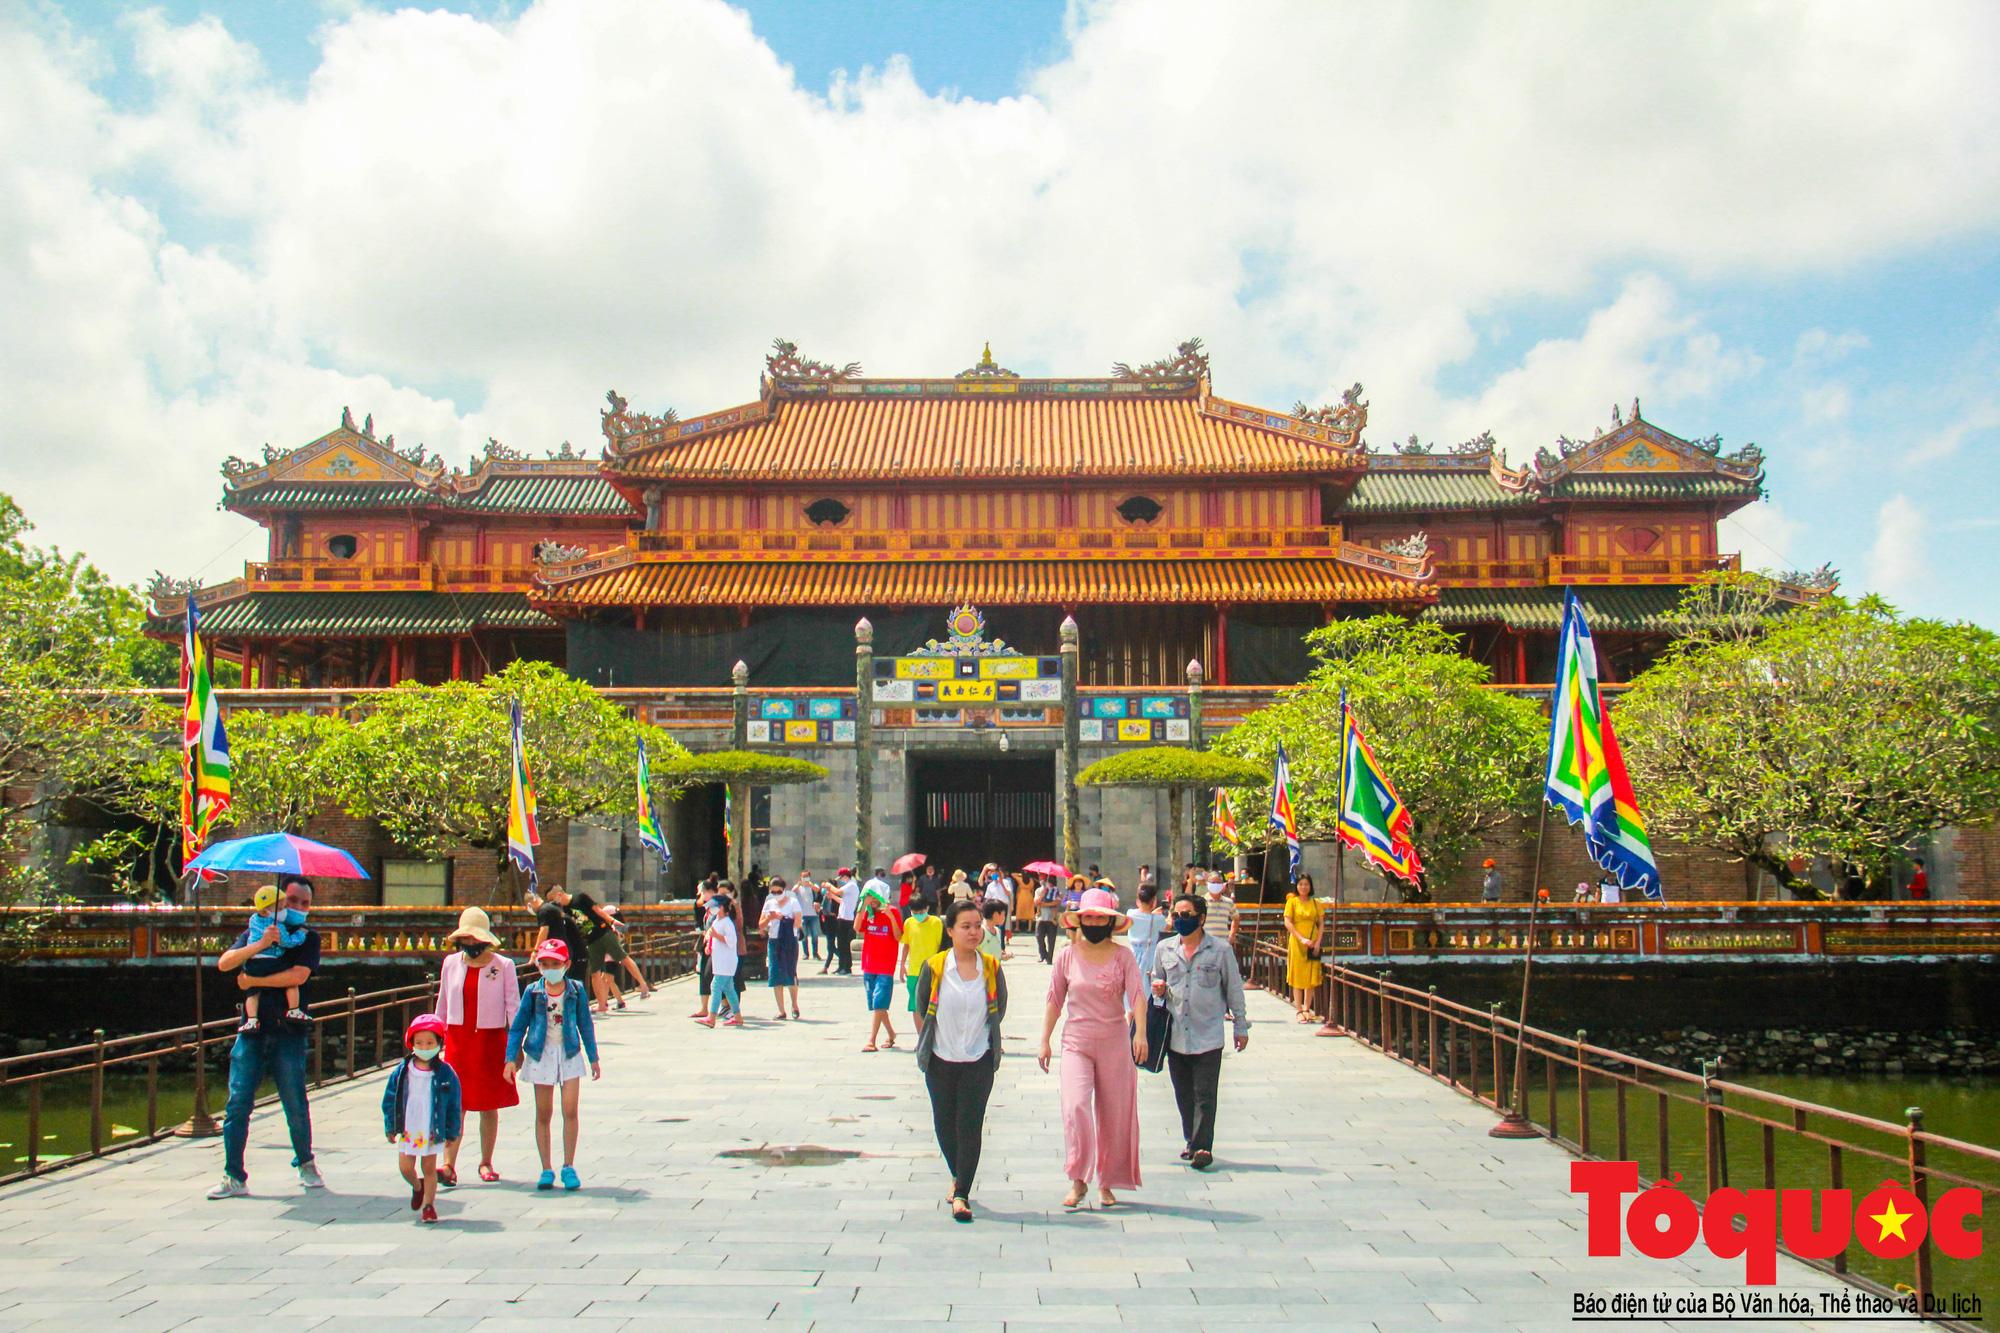 """Du lịch nội địa sẽ là """"lối thoát"""" cho ngành du lịch Việt Nam trong thời gian phục hồi! - Ảnh 2."""